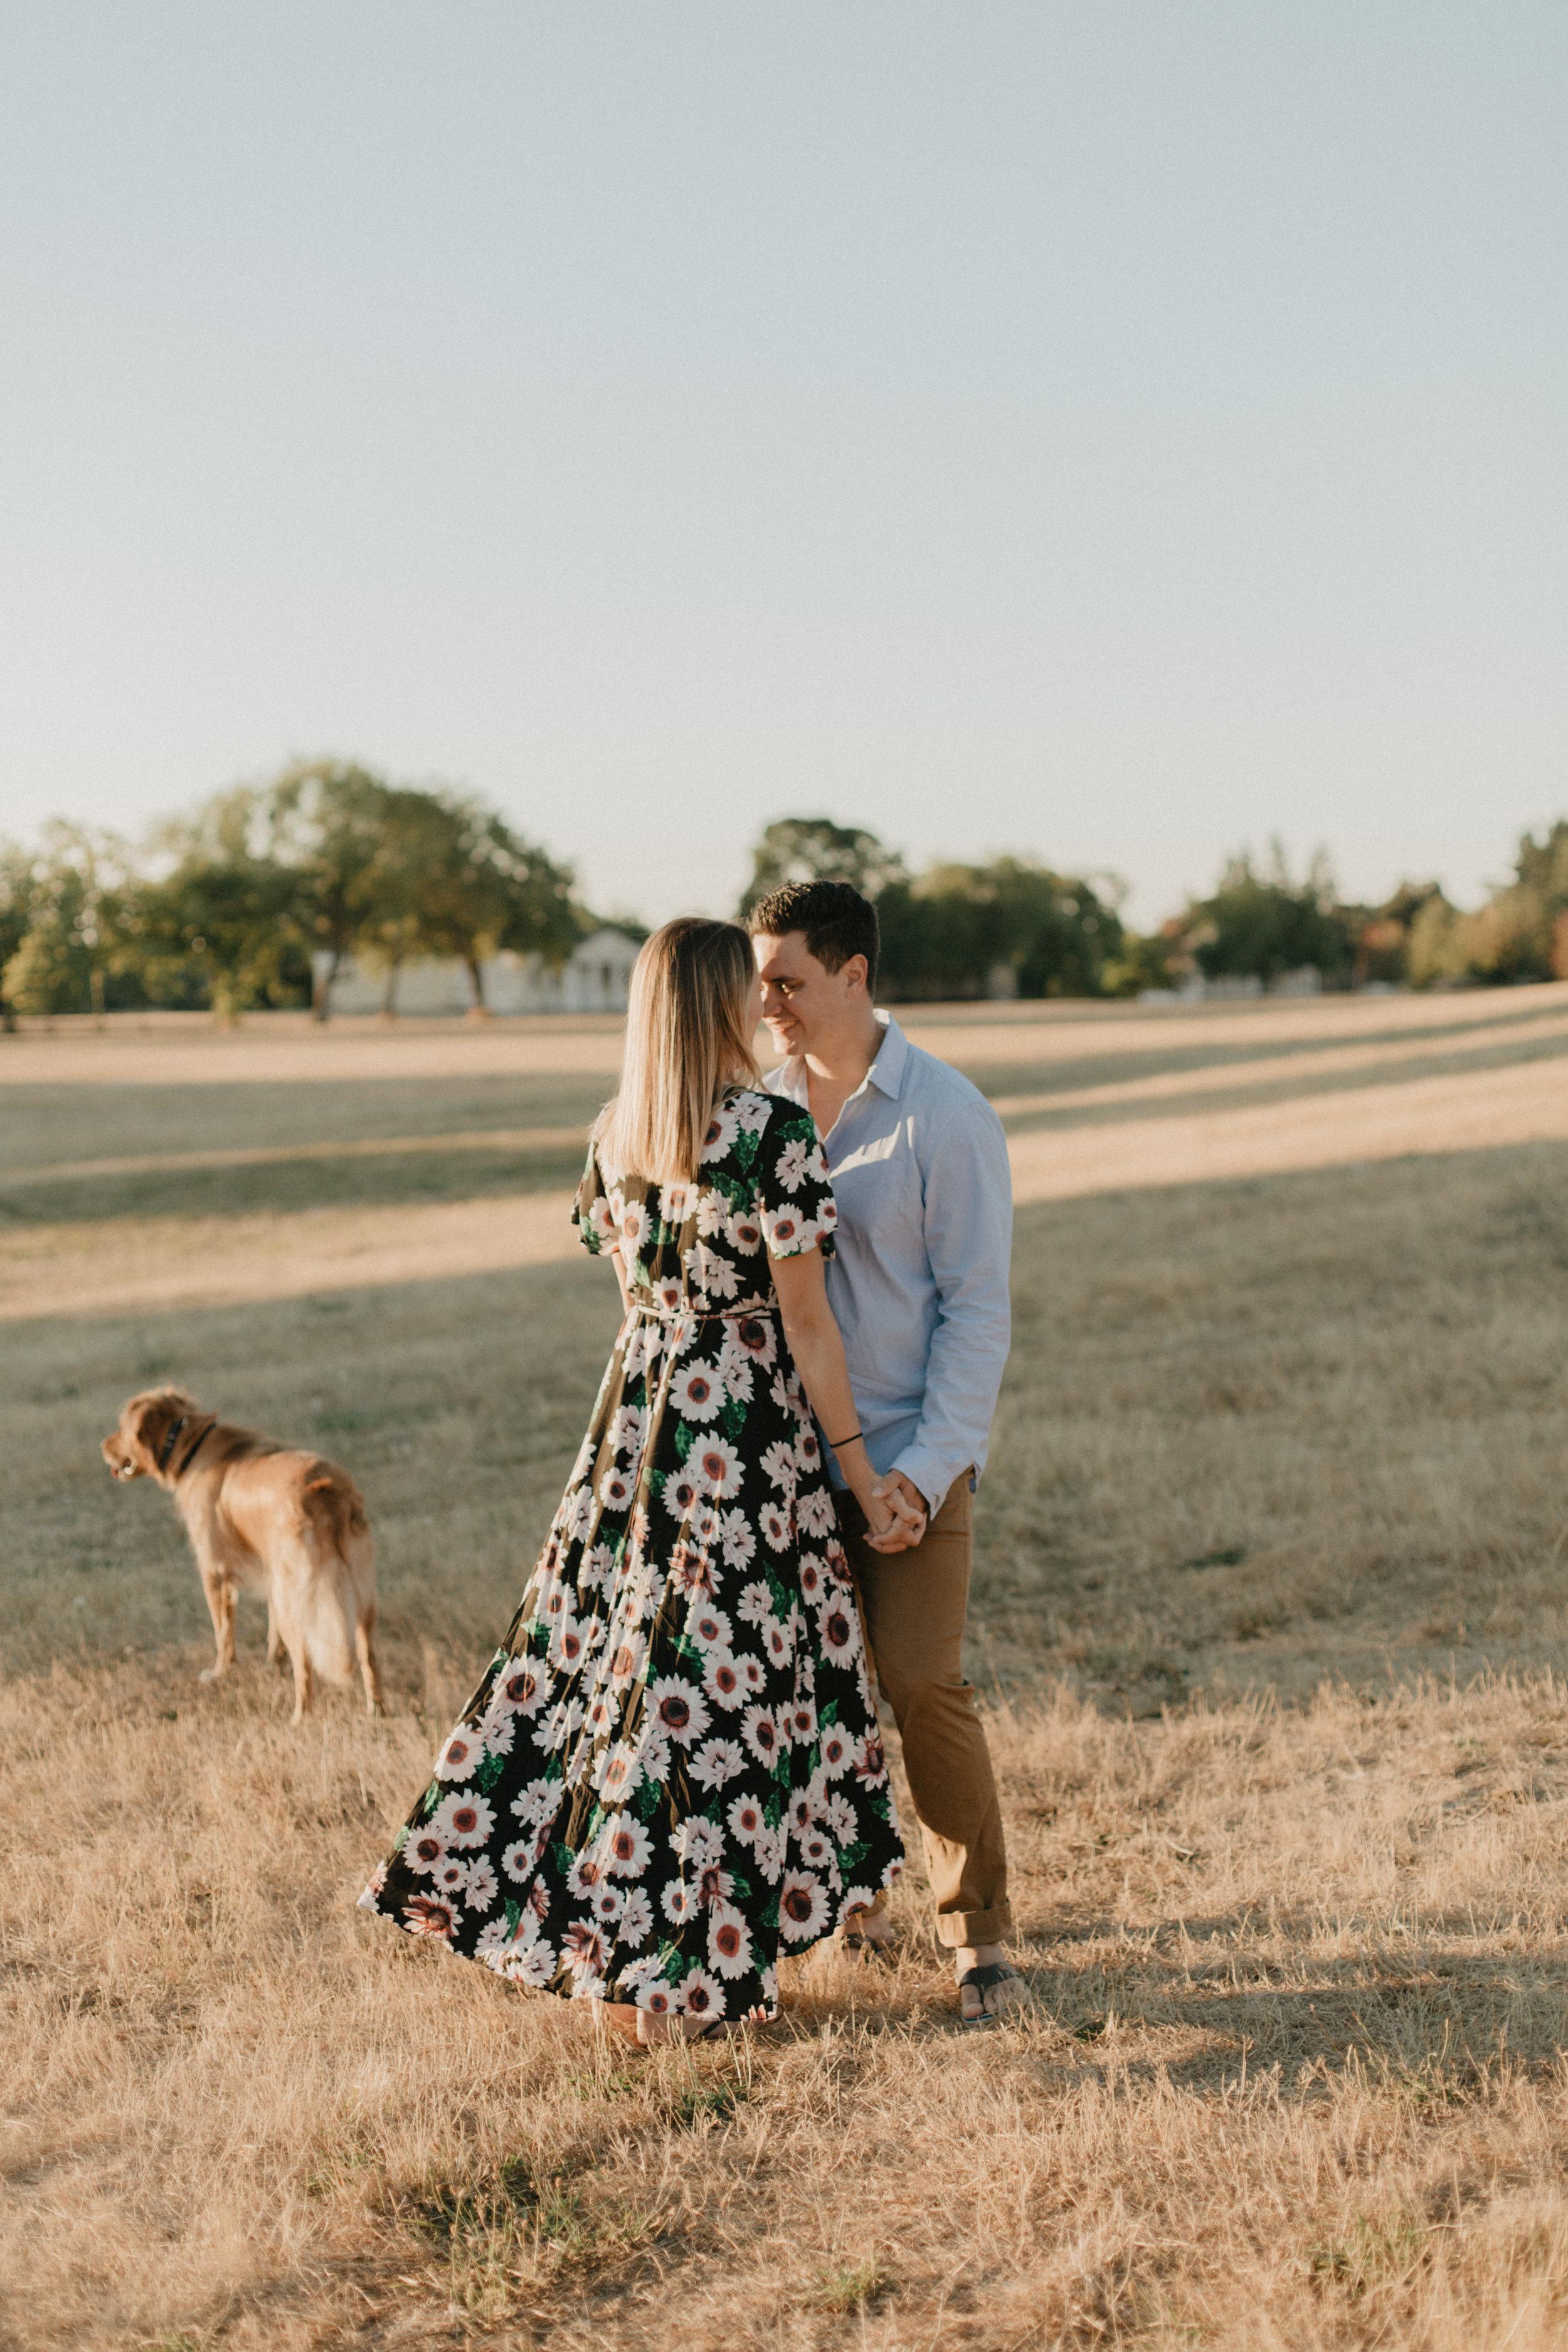 Rachel&Eddie-Engagement-47.jpg